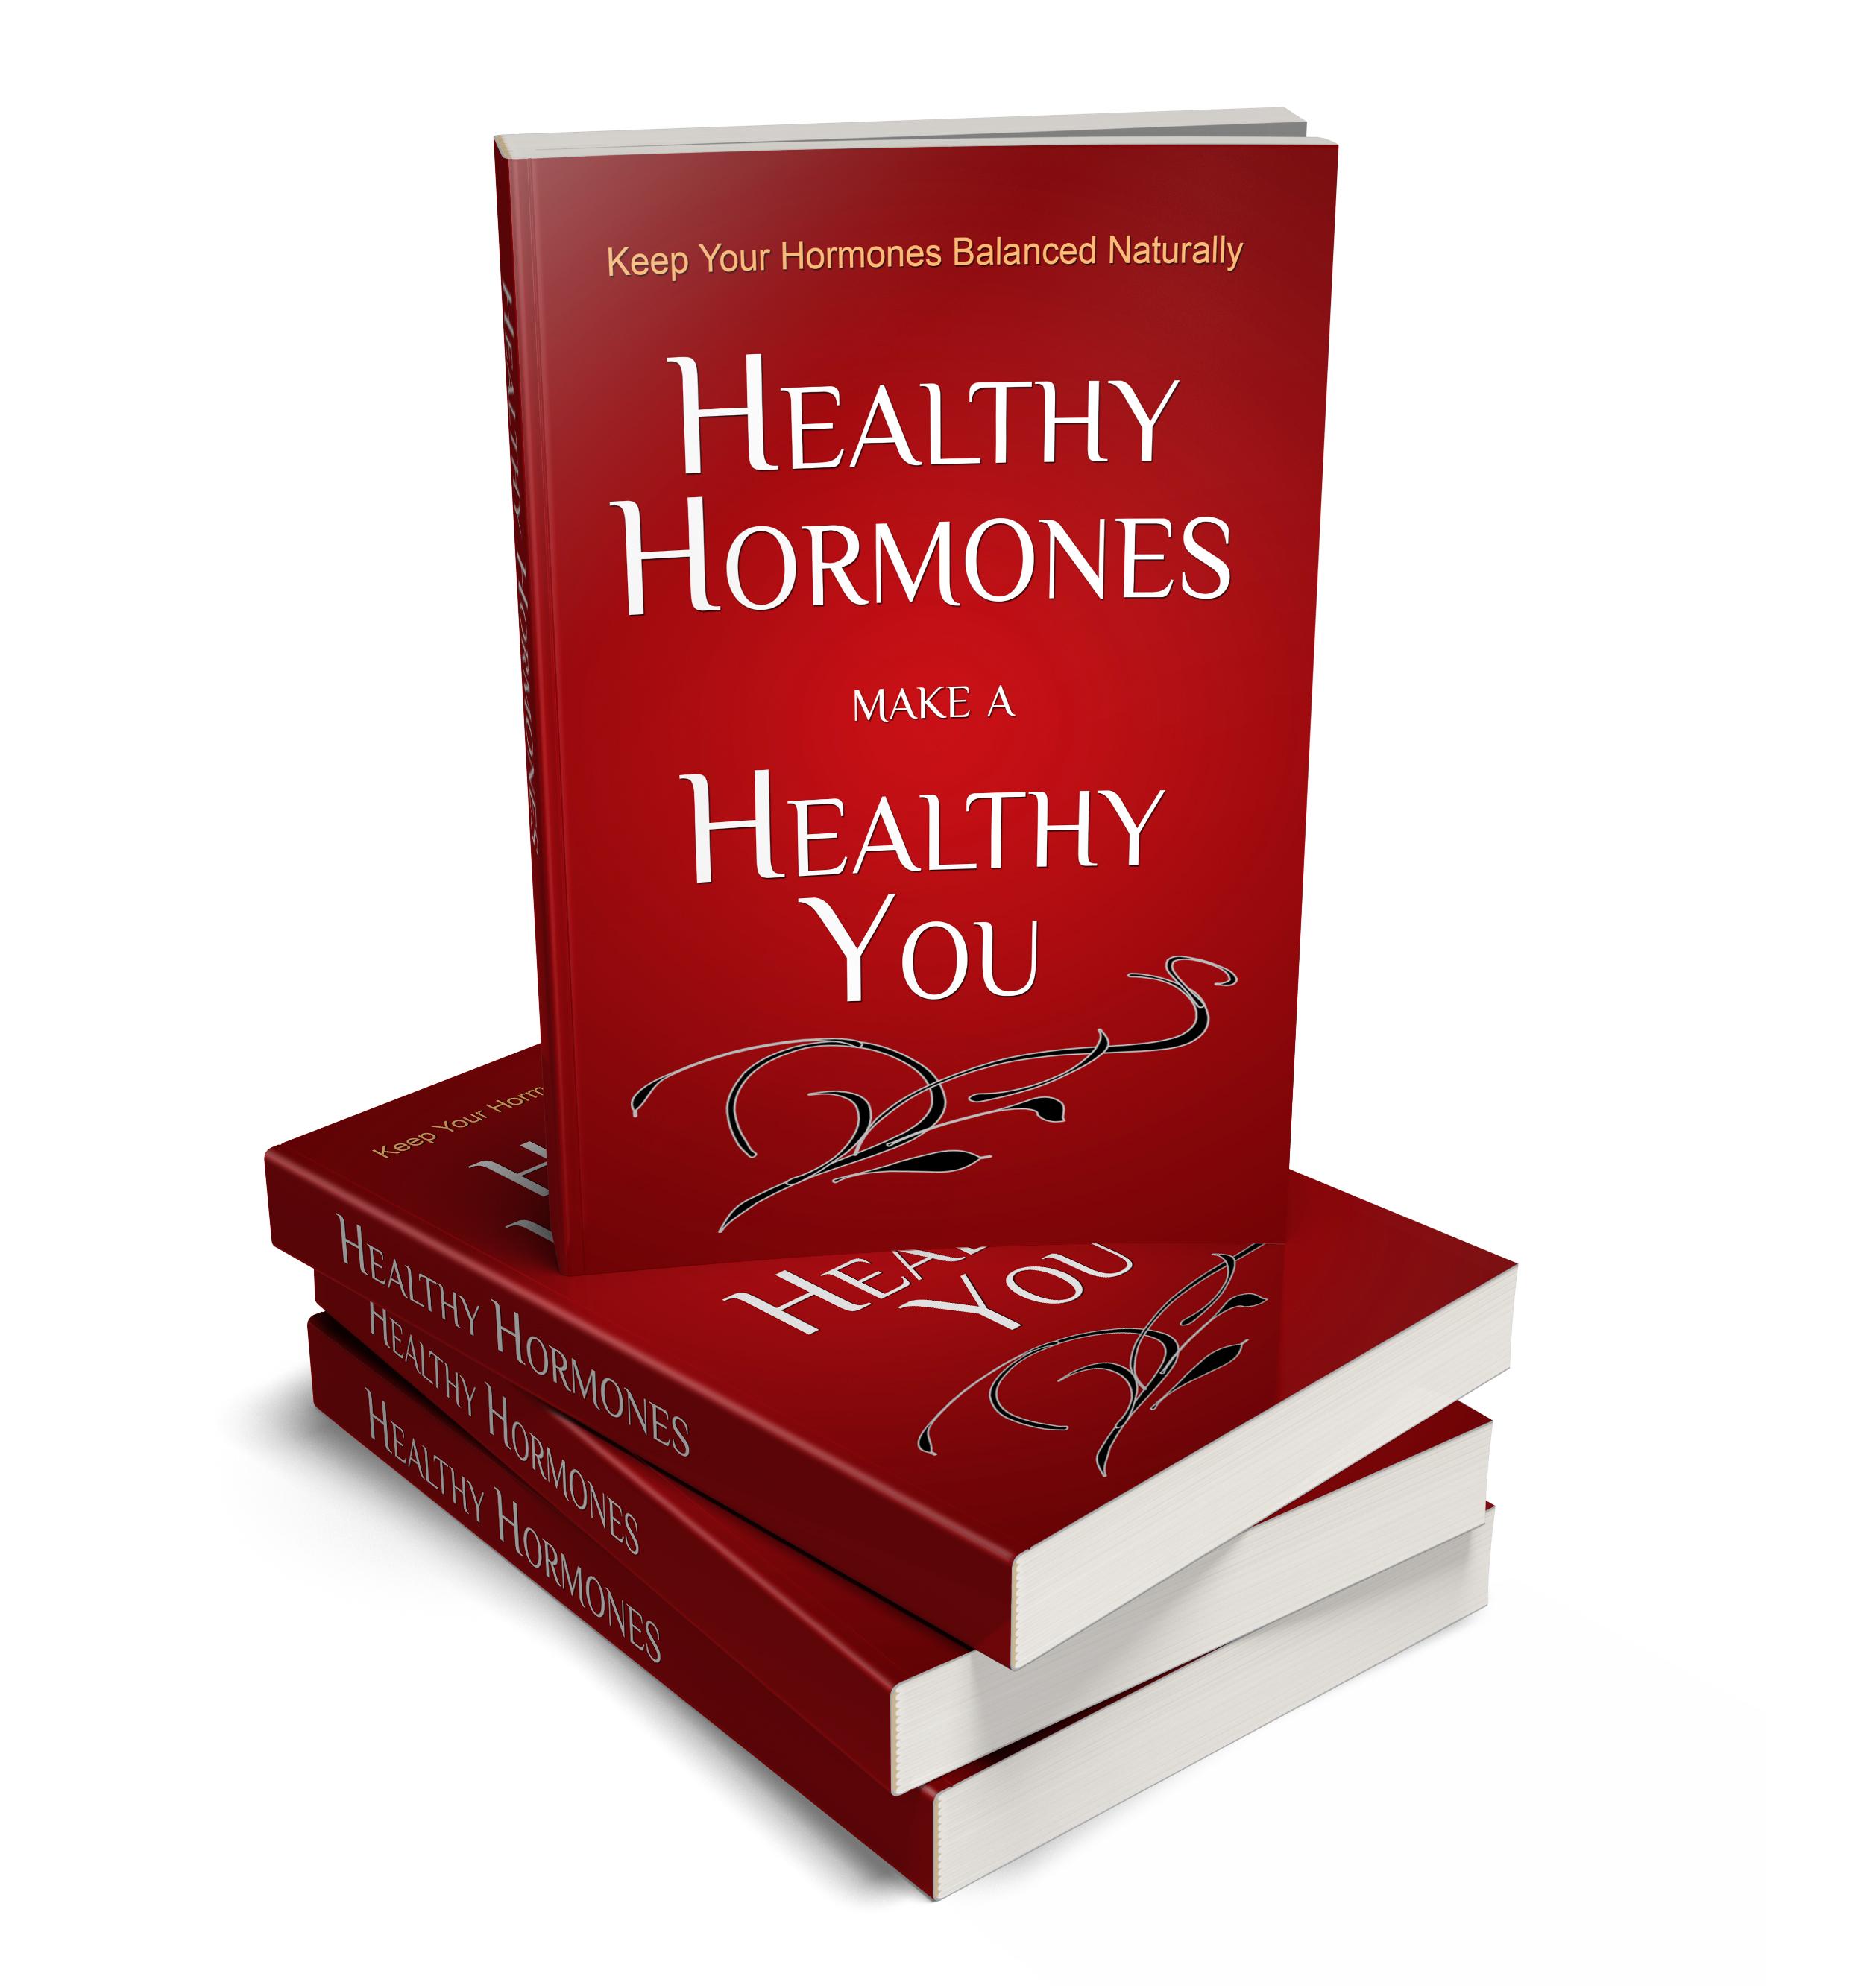 Healthy Hormones Make a Healthy You